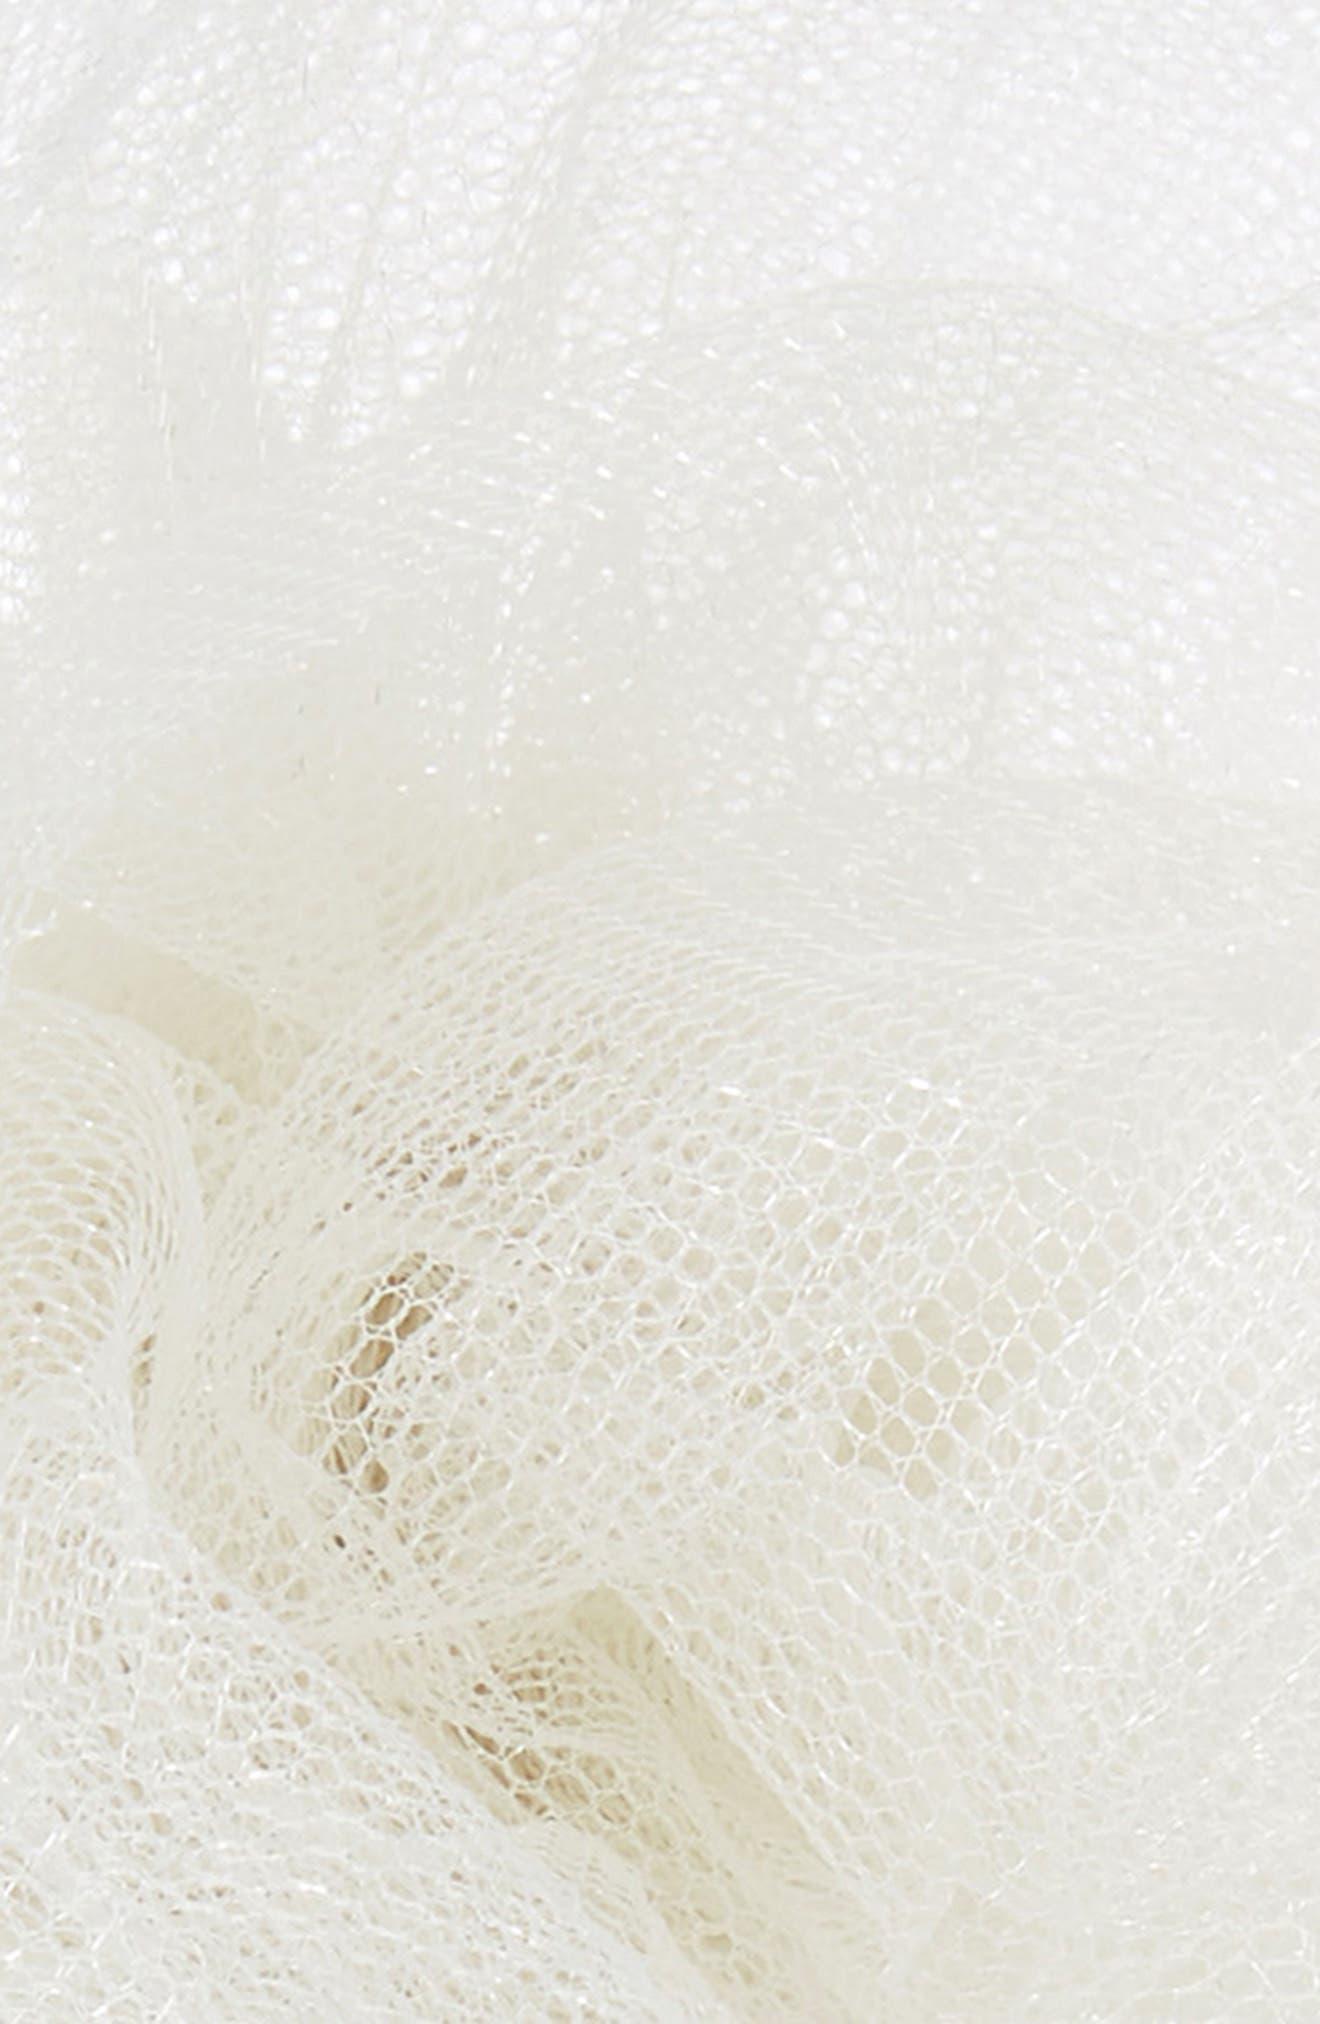 CARA, Glitter Mesh Flower Headband, Alternate thumbnail 2, color, 900